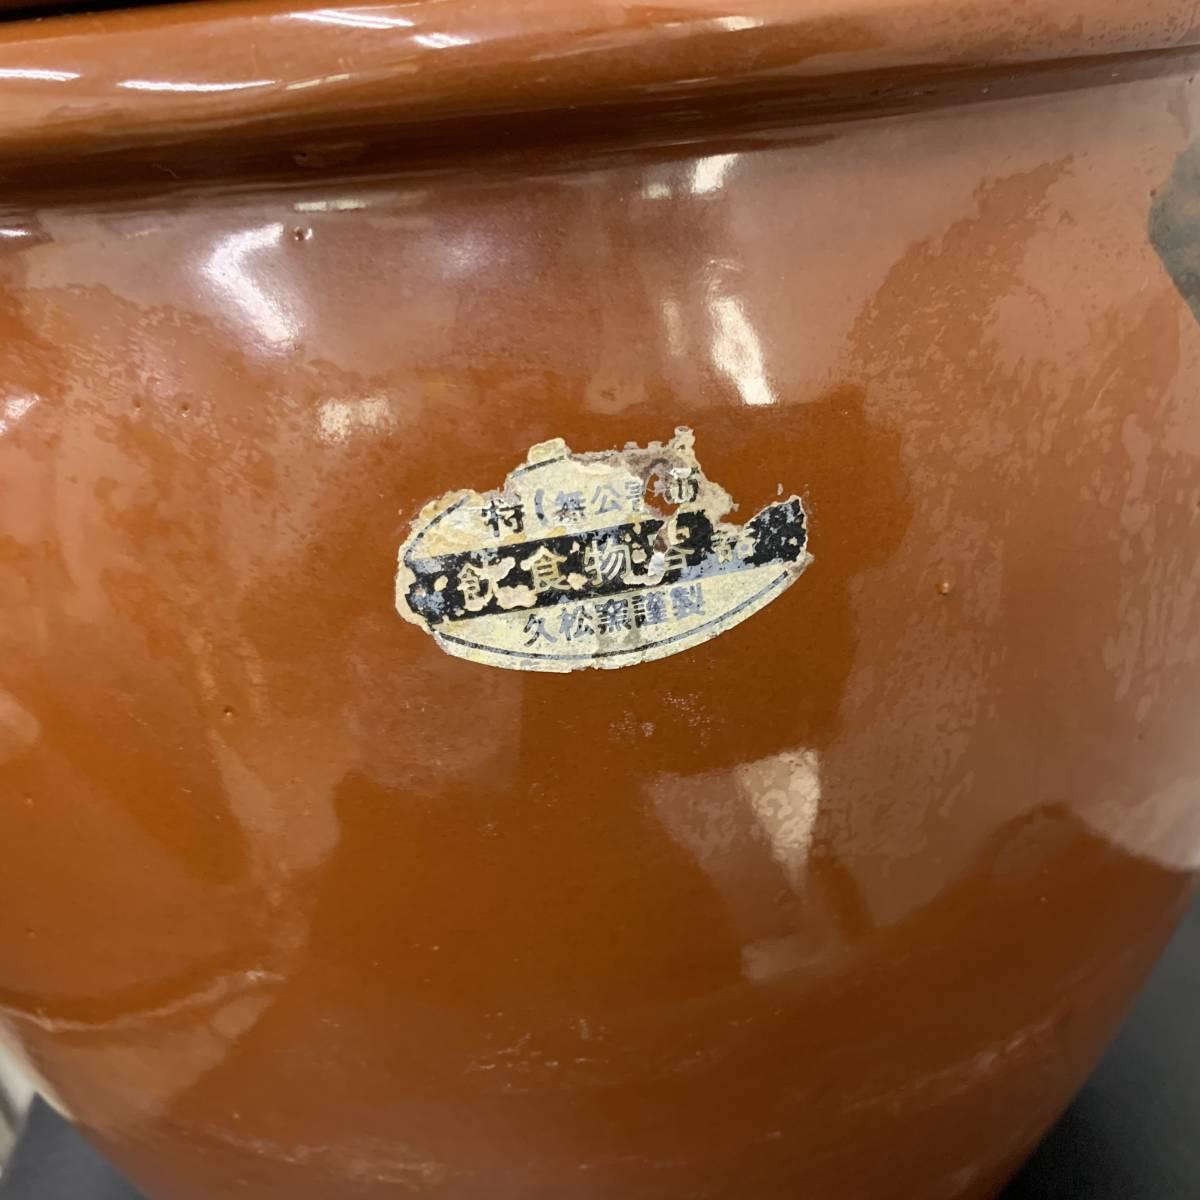 2、常滑焼 久松窯 梅干し壺 漬物容器 かめ 漬物 らっきょ 梅干 味噌 蓋付 経年保管品_画像4